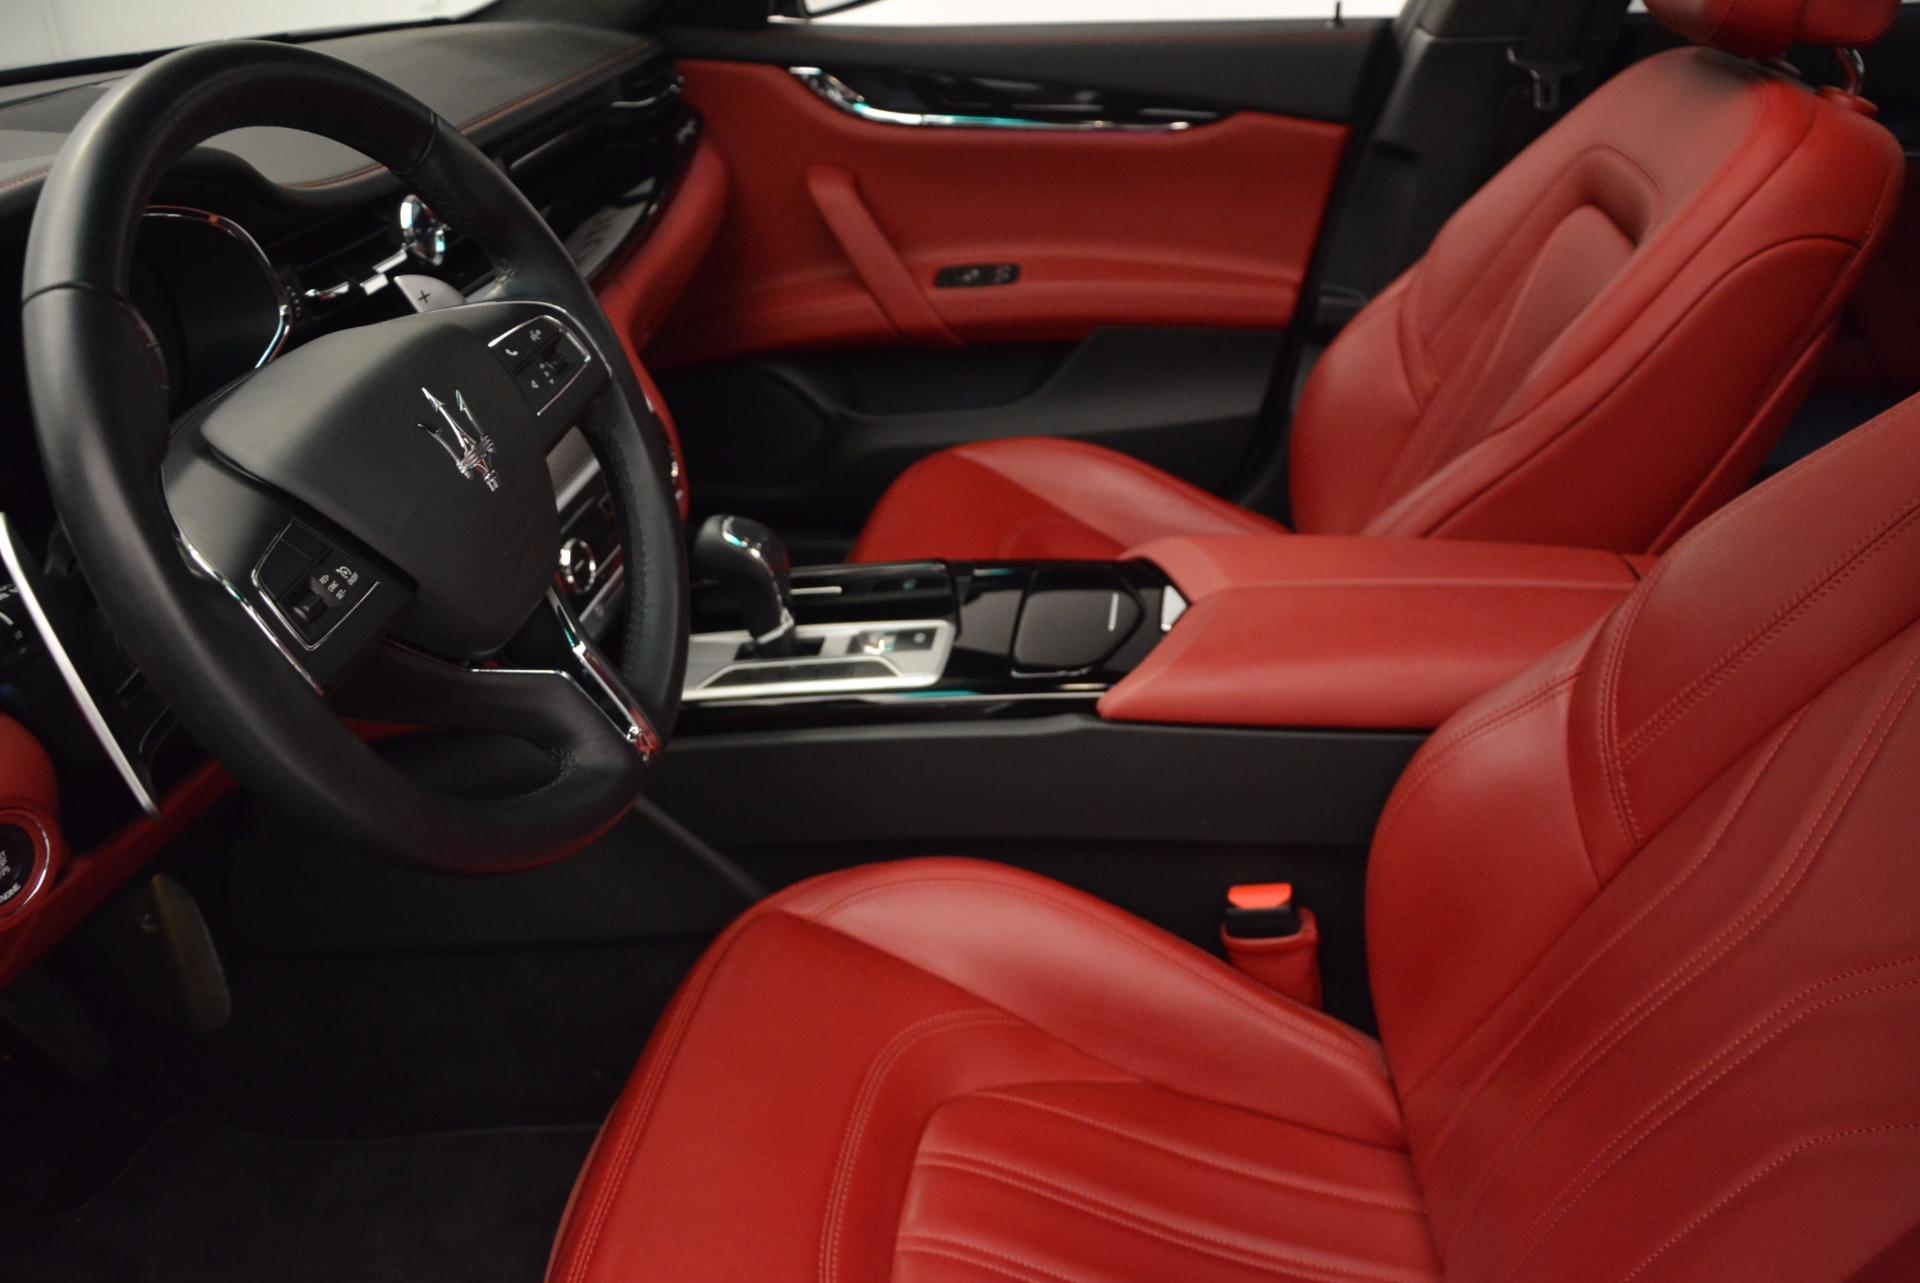 Used 2015 Maserati Quattroporte S Q4 For Sale In Westport, CT 809_p14